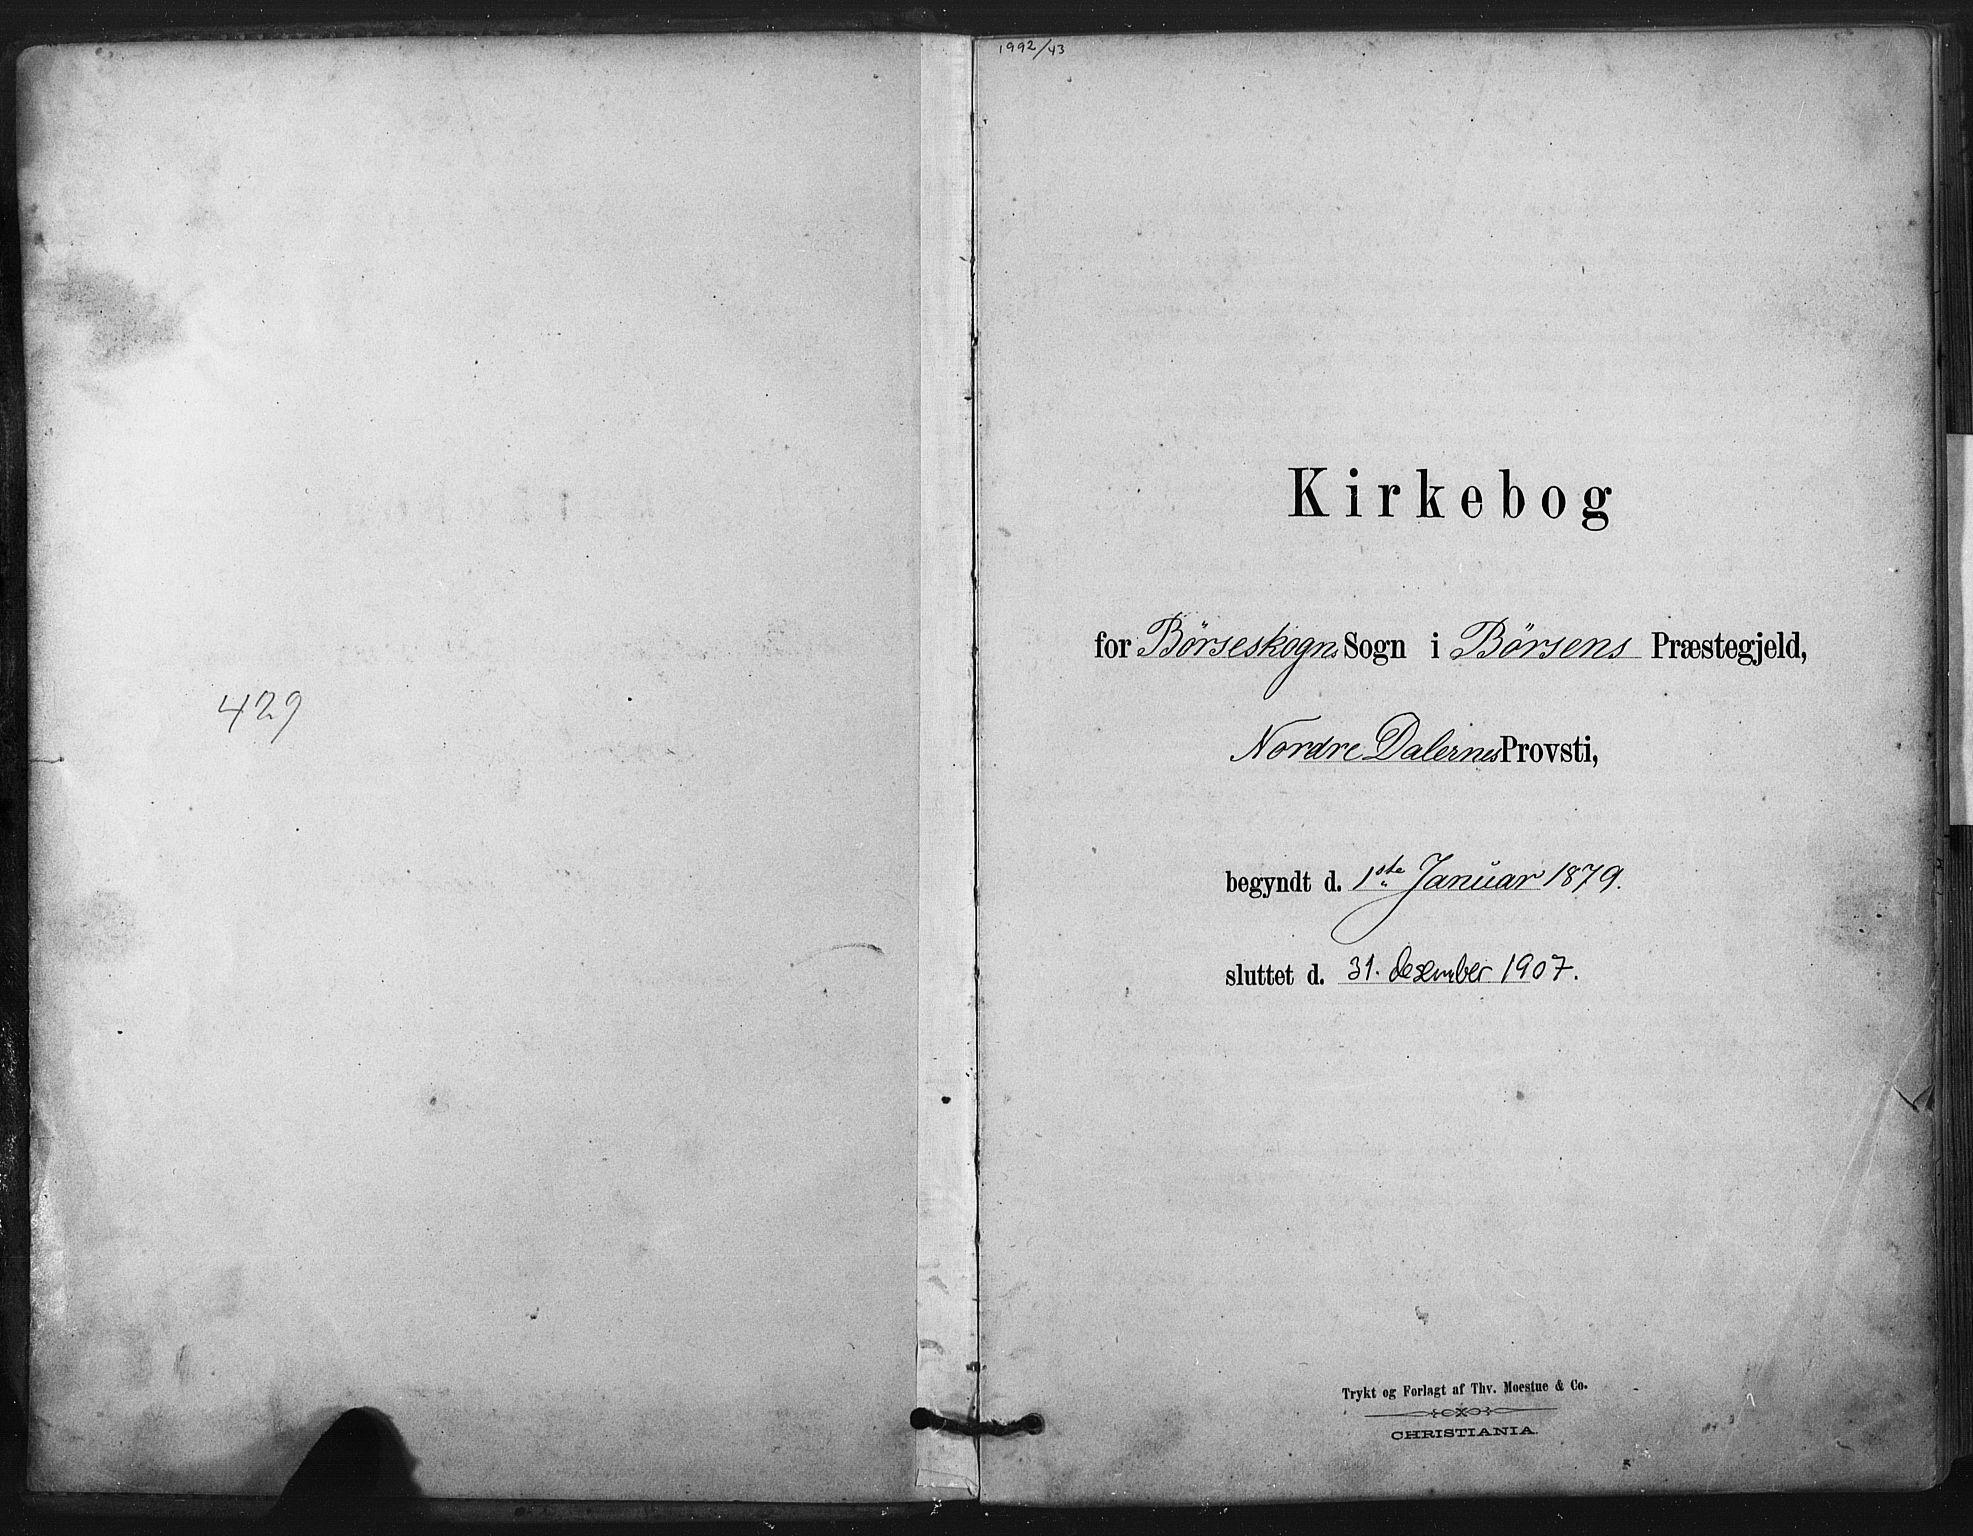 SAT, Ministerialprotokoller, klokkerbøker og fødselsregistre - Sør-Trøndelag, 667/L0795: Ministerialbok nr. 667A03, 1879-1907